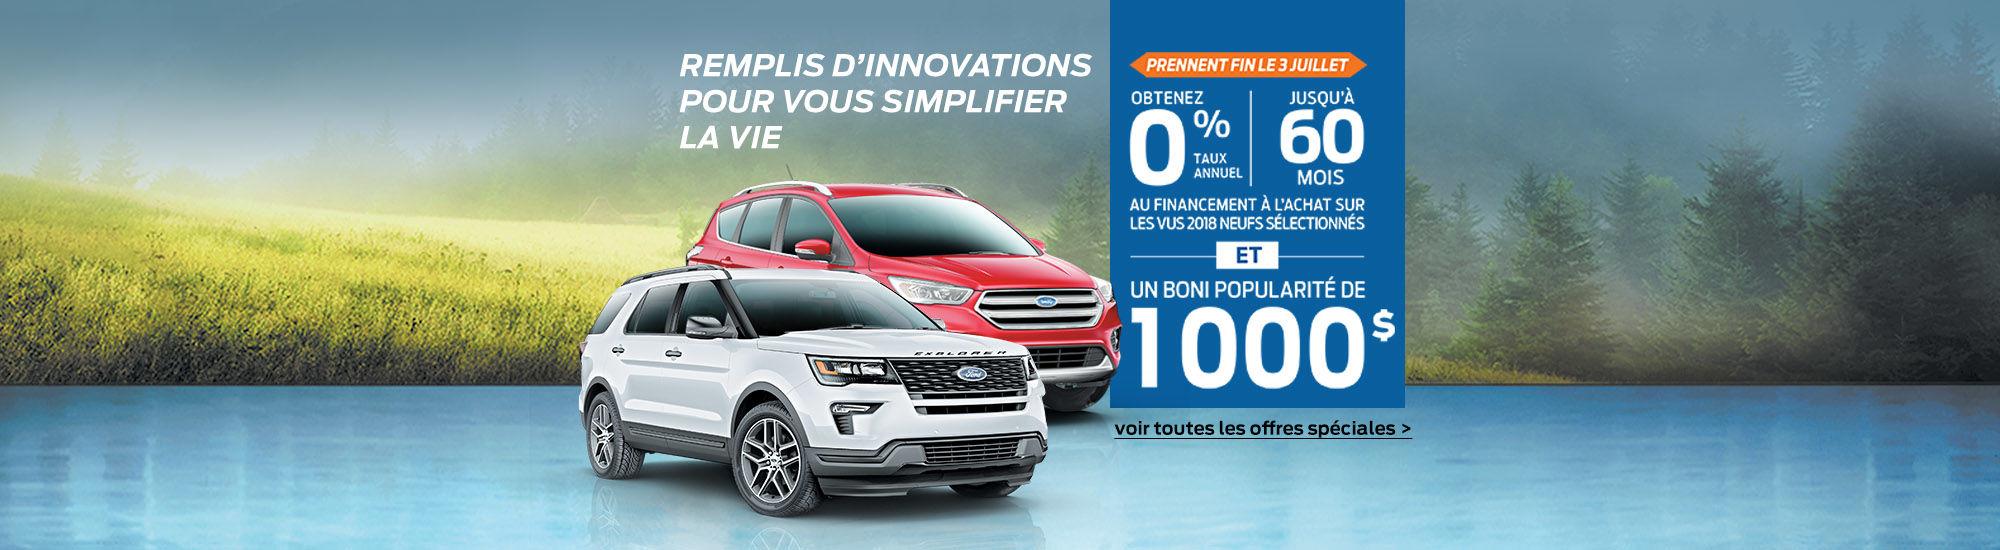 Ford-Remplis d'innovations pour vous simplifier la vie